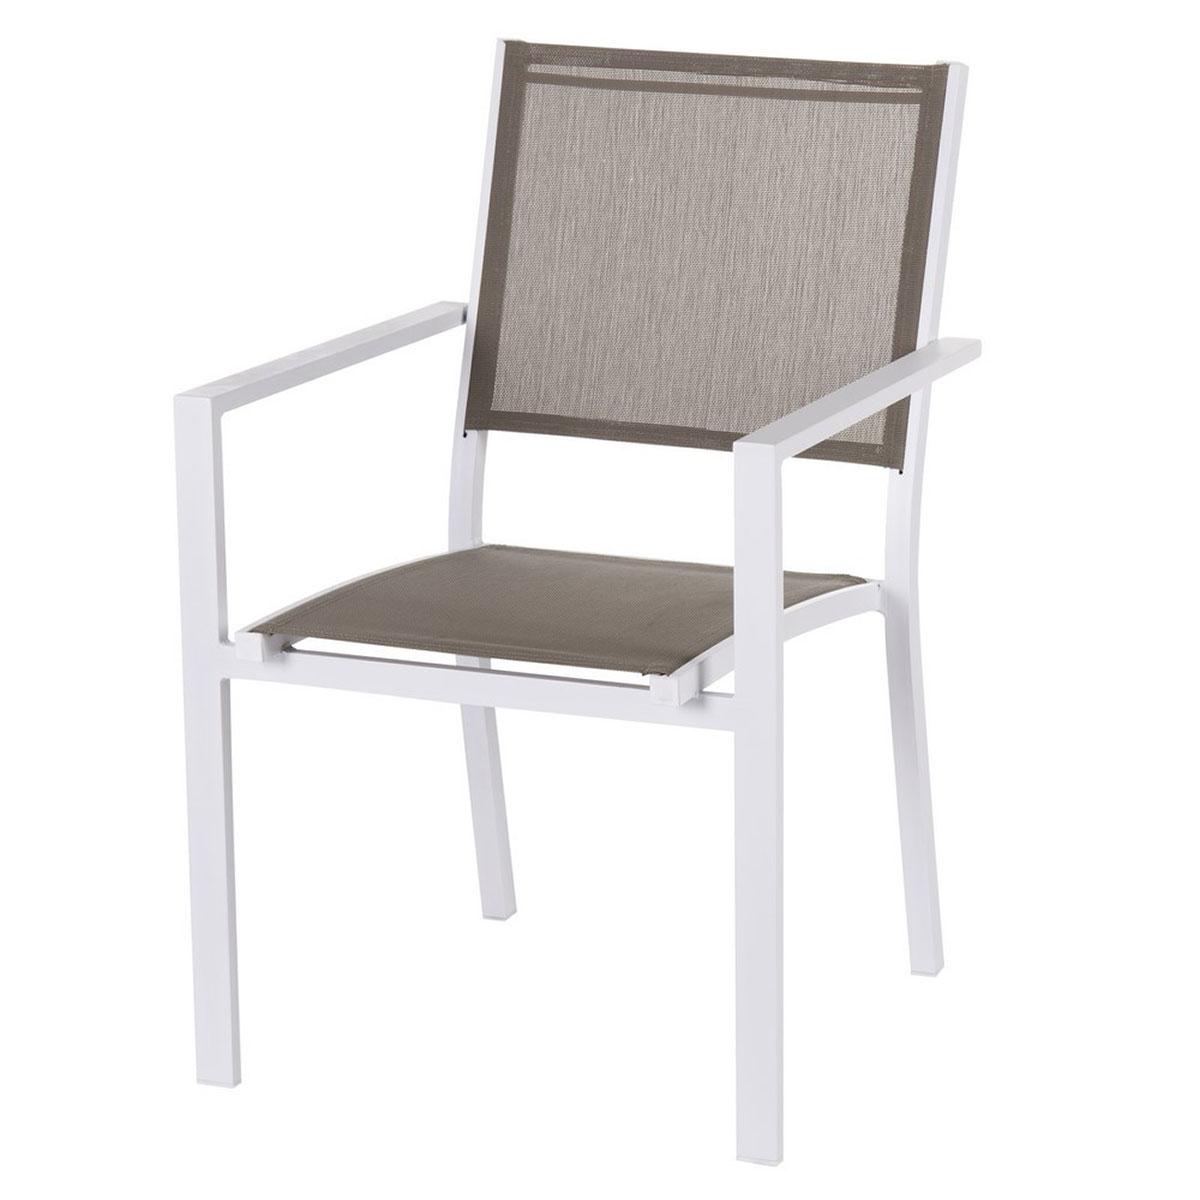 Lot de 4 chaises en aluminium - Taupe - 55.00 cm x 58.00 cm x 85.00 cm